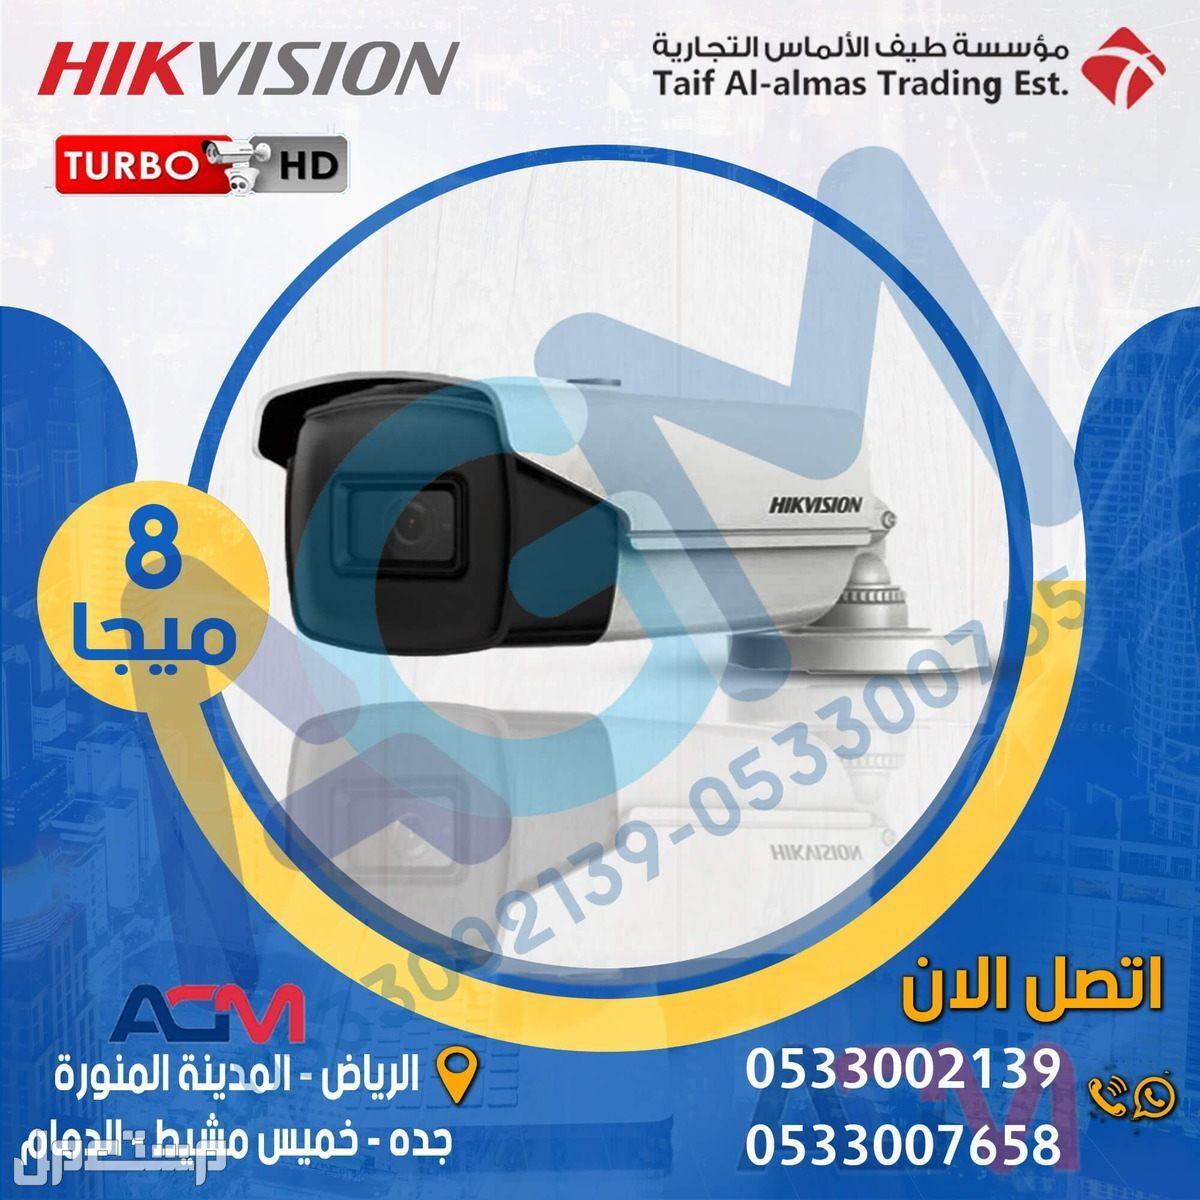 عرض 4 كاميرات مراقبة 8 ميجا باعلي جودة للصورة 4K في المملكة